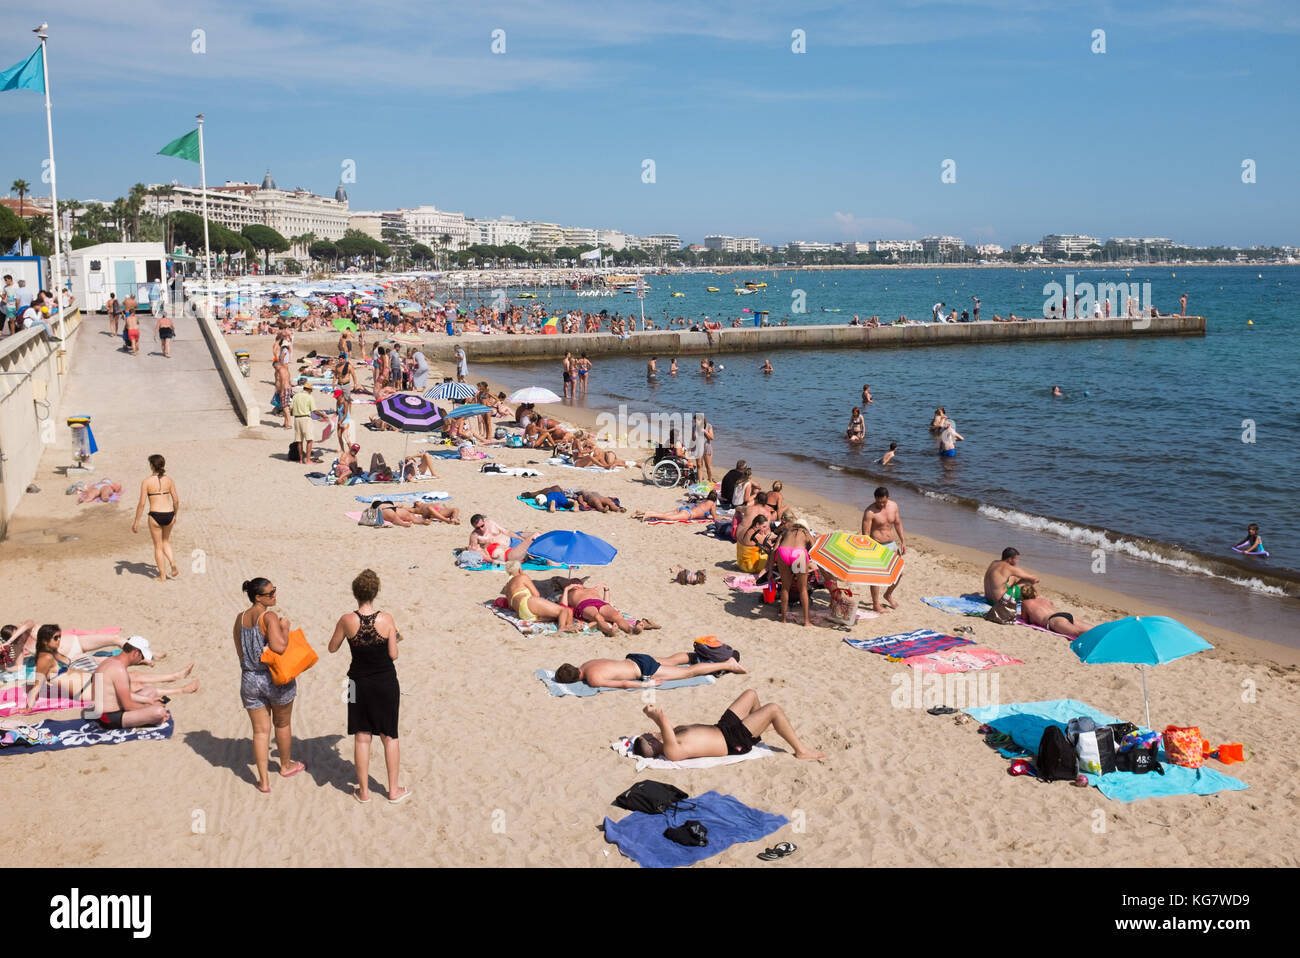 People enjoying sunbathing and swimming at beach along Boulevard de la Croisette, Cannes, Cote d'Azur, Provence-Alpes-Cote d'Azur, France. Stock Photo